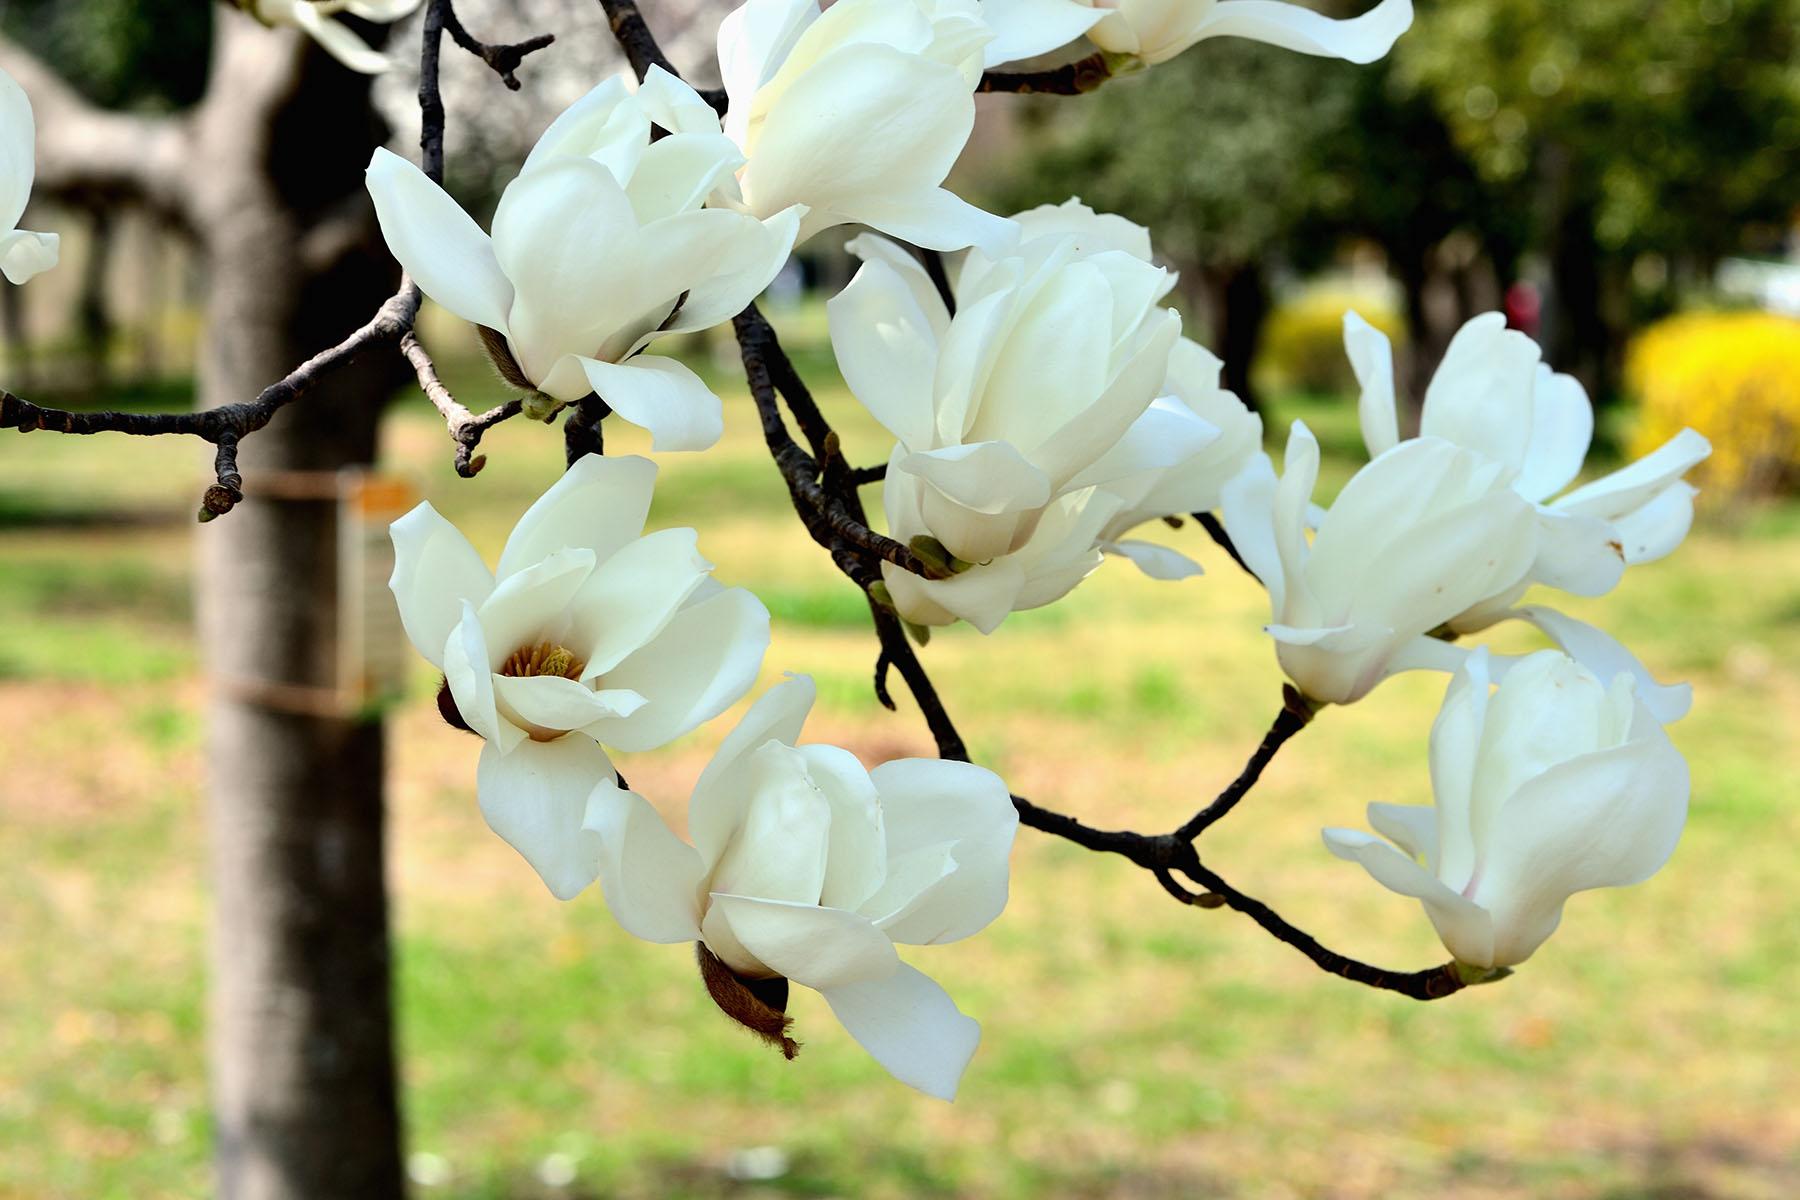 早春の花、コブシとハクモクレン 県民健康福祉村